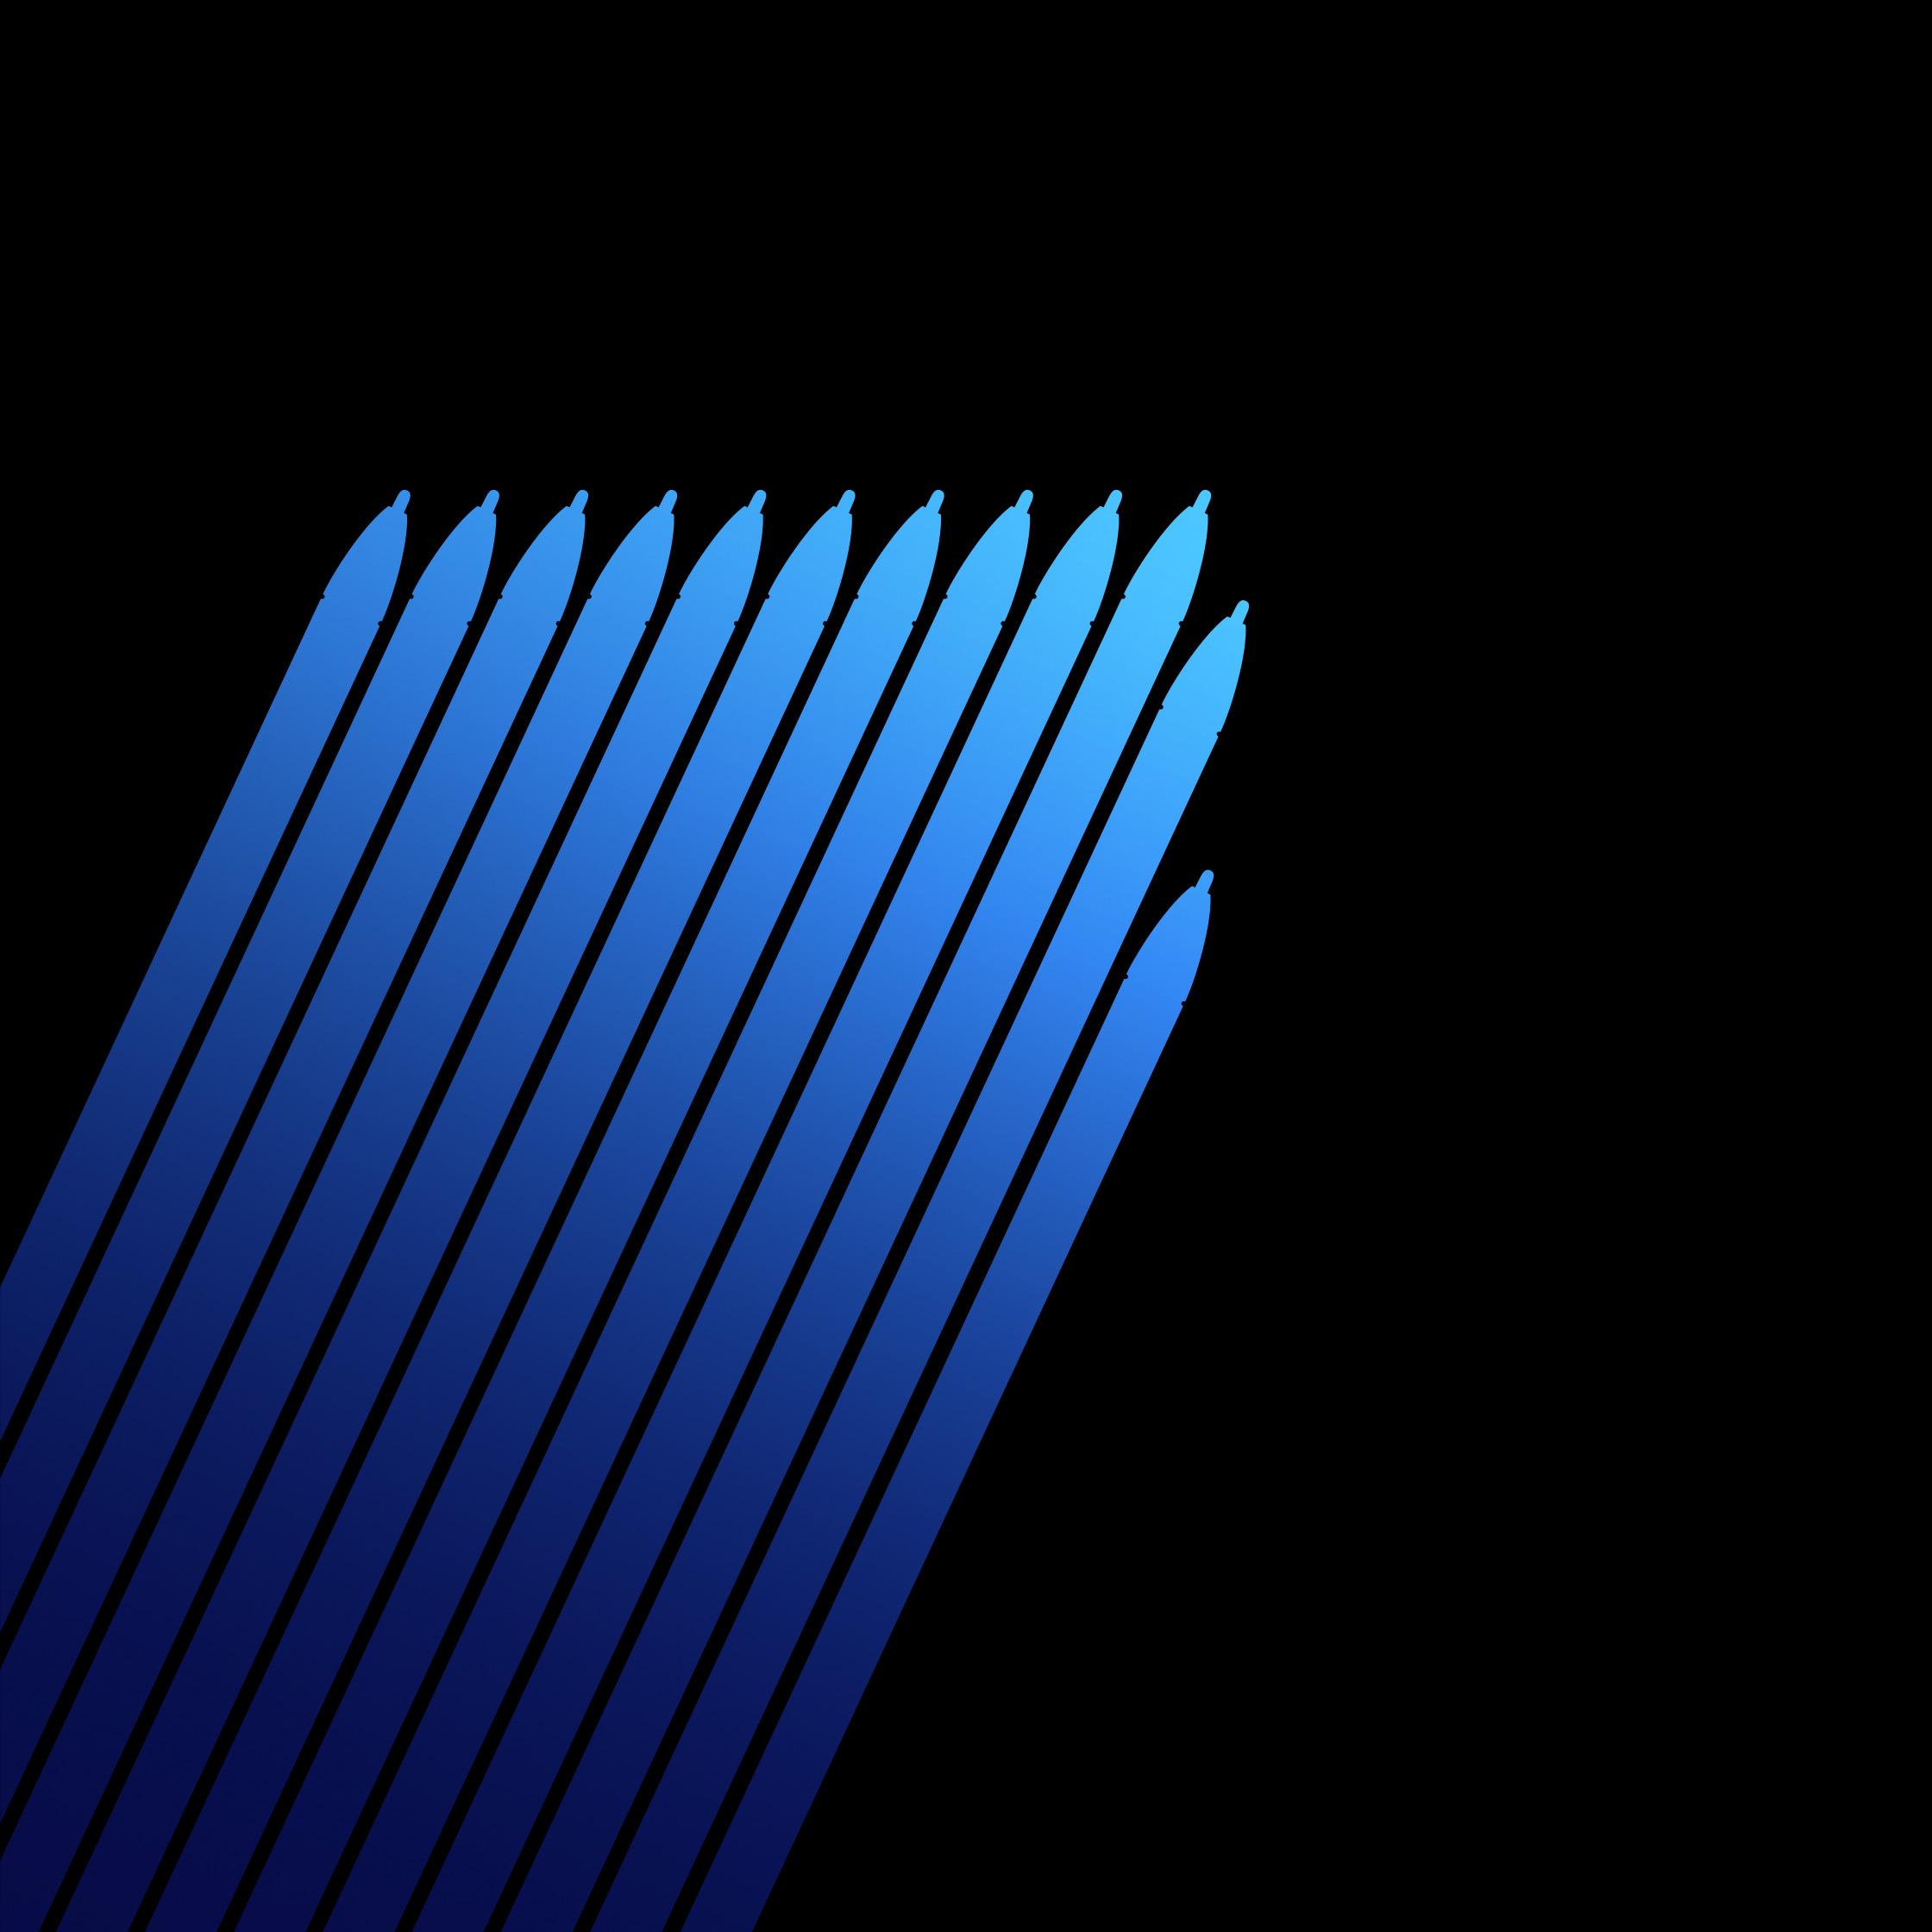 Telefon Duvar Kağıtları Samsung galaxy